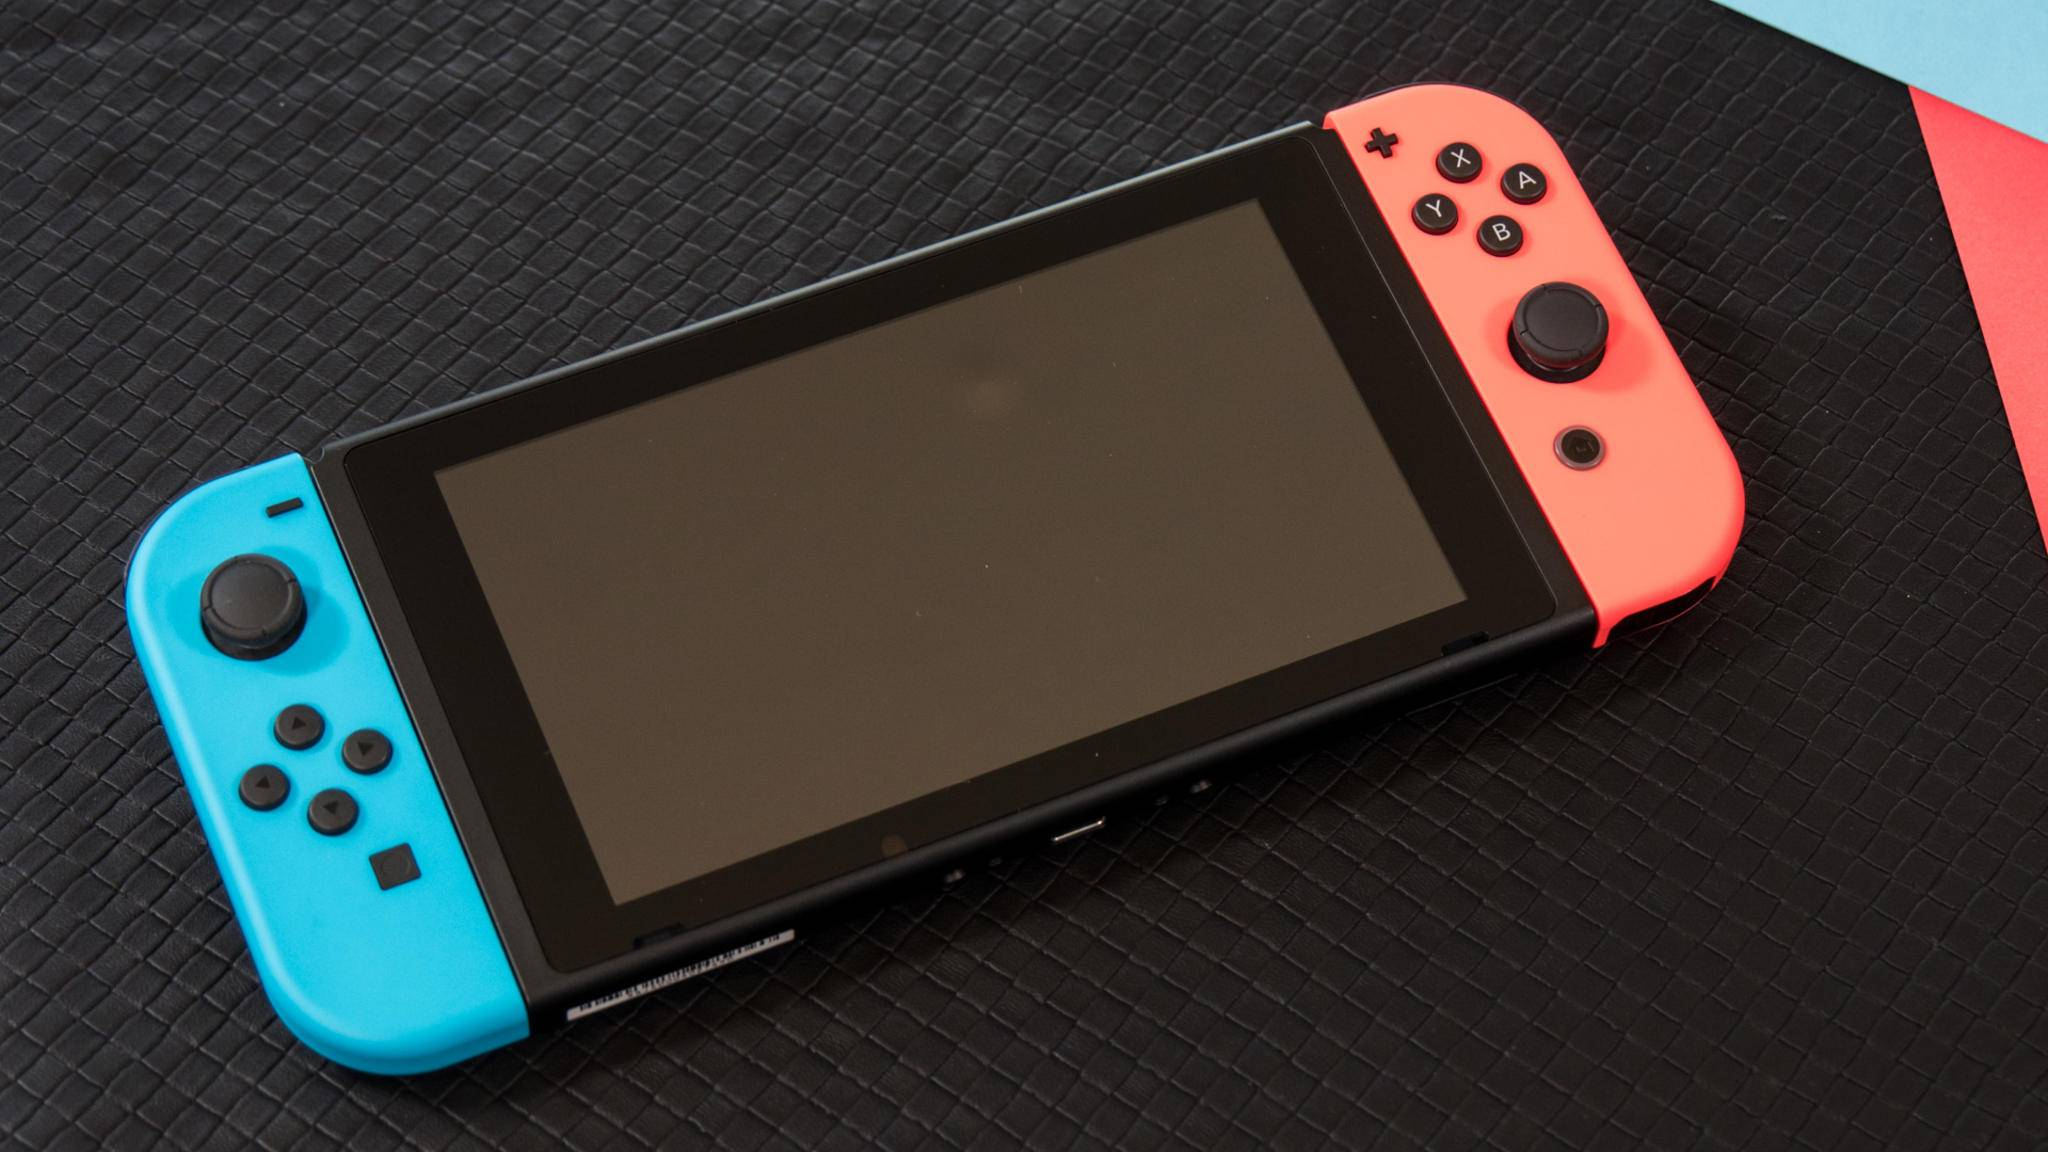 Bald kann man auf der Nintendo Switch verschiedene Sega-Klassiker zocken.